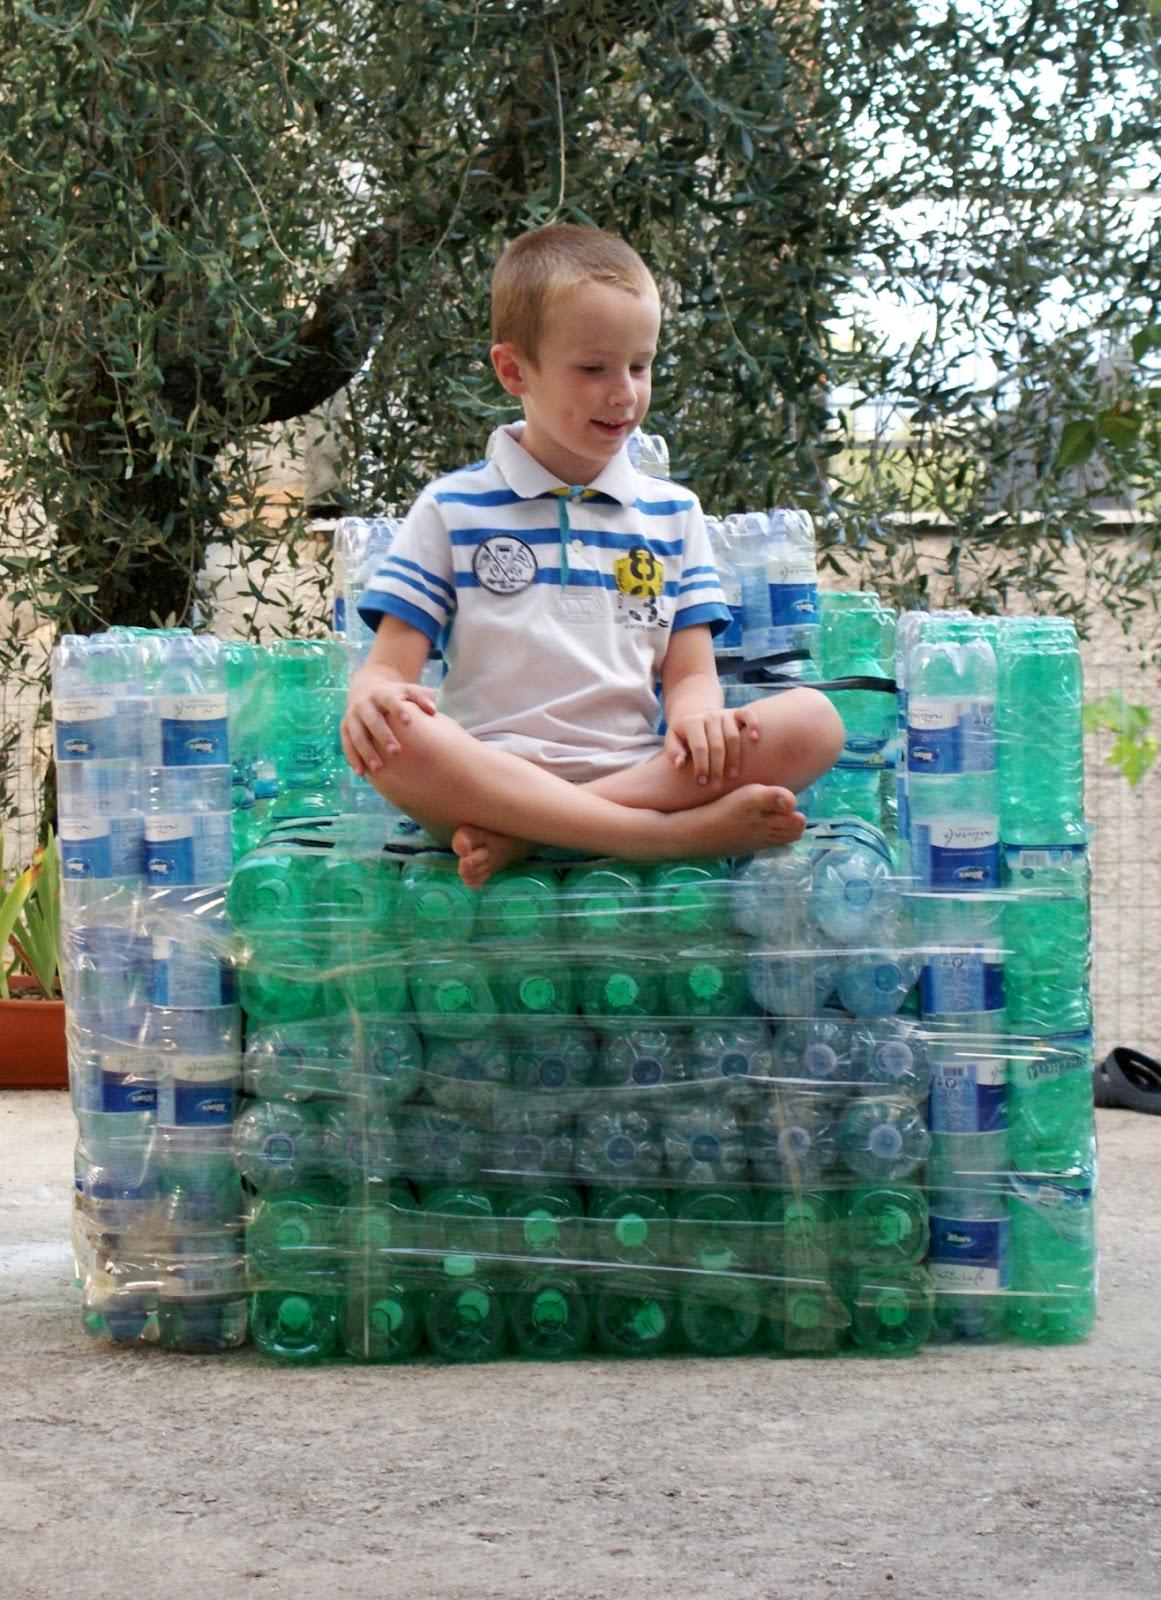 Poltrona Bottiglie Di Plastica.Riciclo Poltrona Con Bottiglie Di Plastica